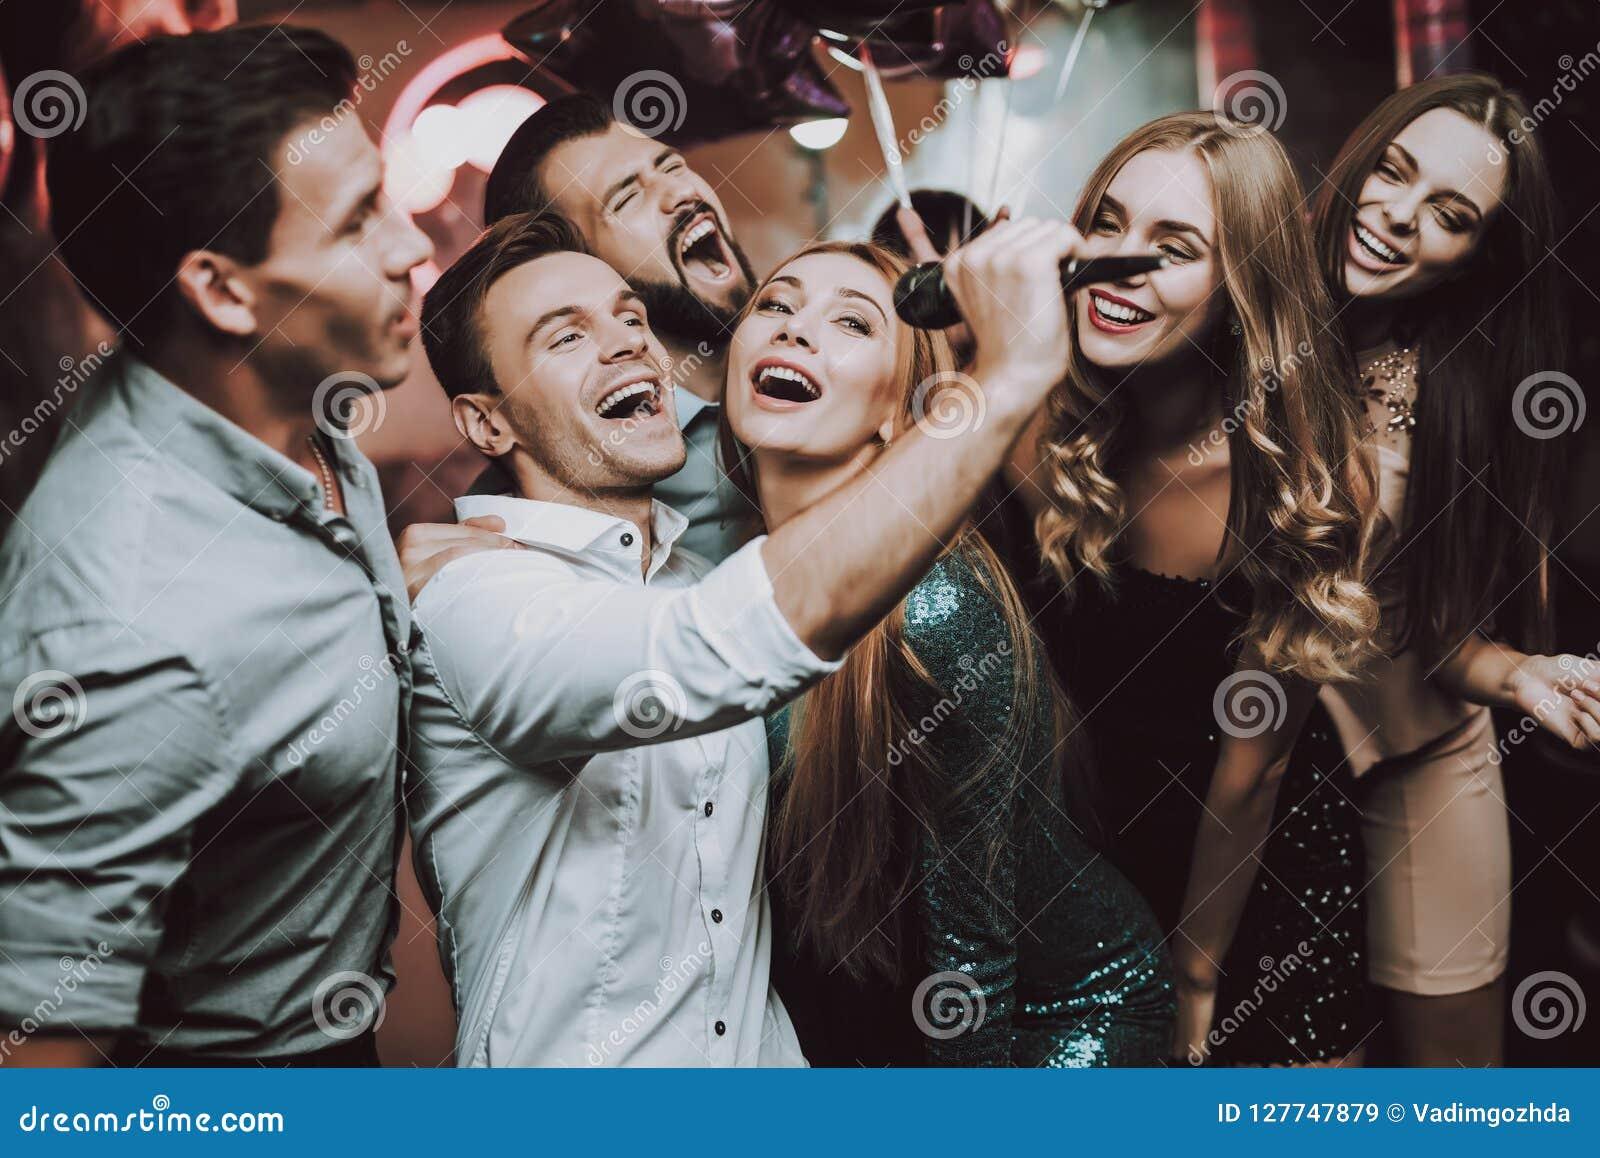 Танцы для мужчин в клубе эротические фотографии звезд шоу бизнеса